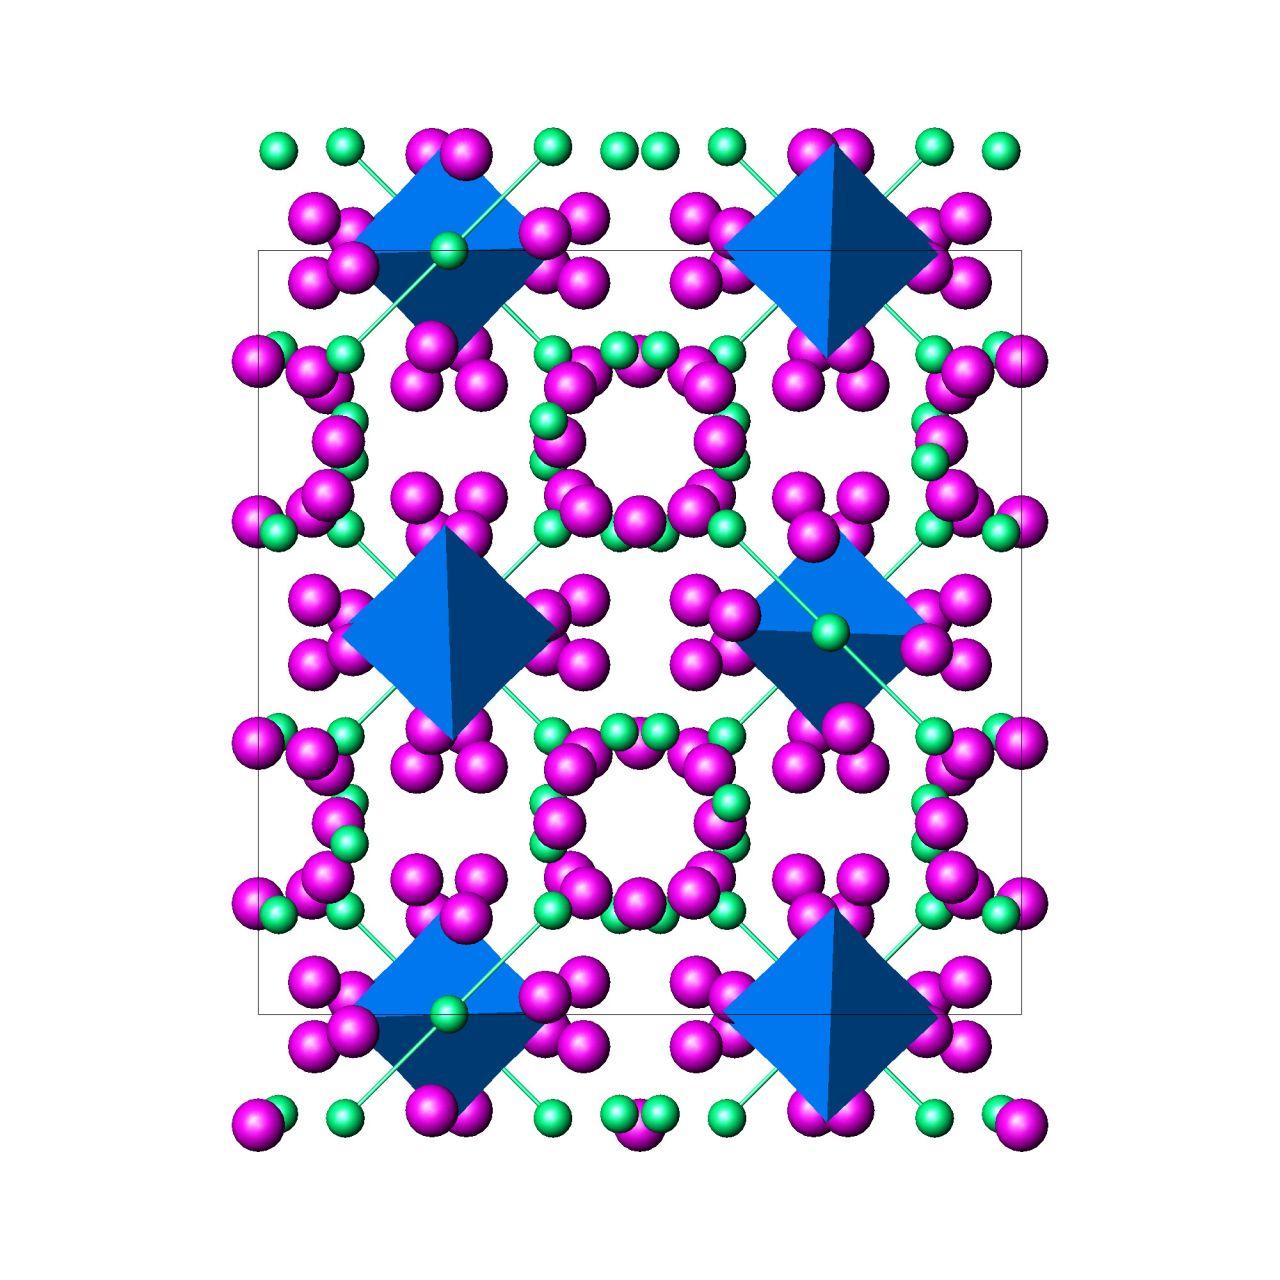 Zintl structure